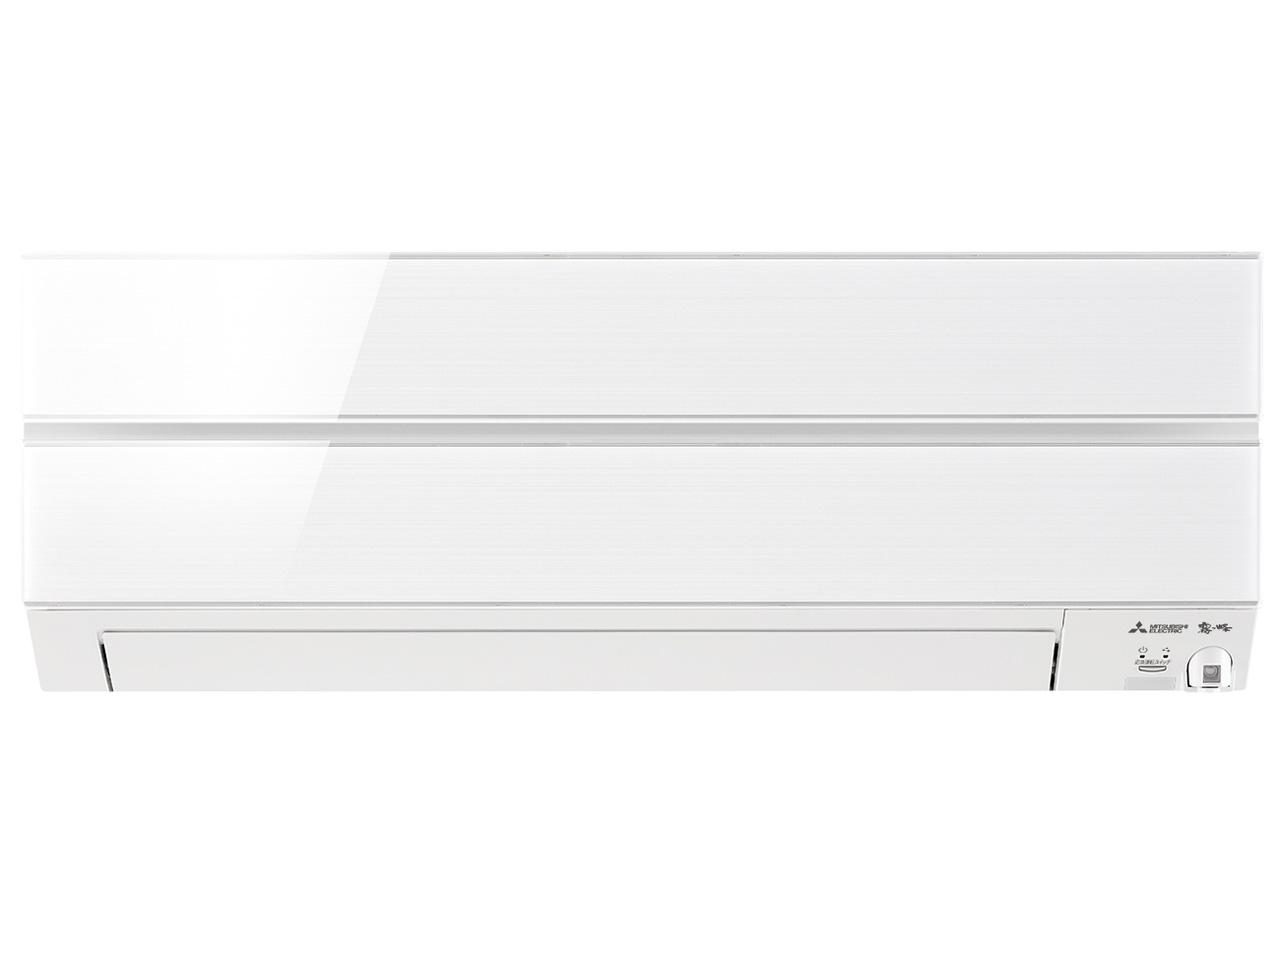 三菱 2018年モデル 霧ヶ峰 sシリーズ冷暖房6畳用エアコンMSZ-S2218-W